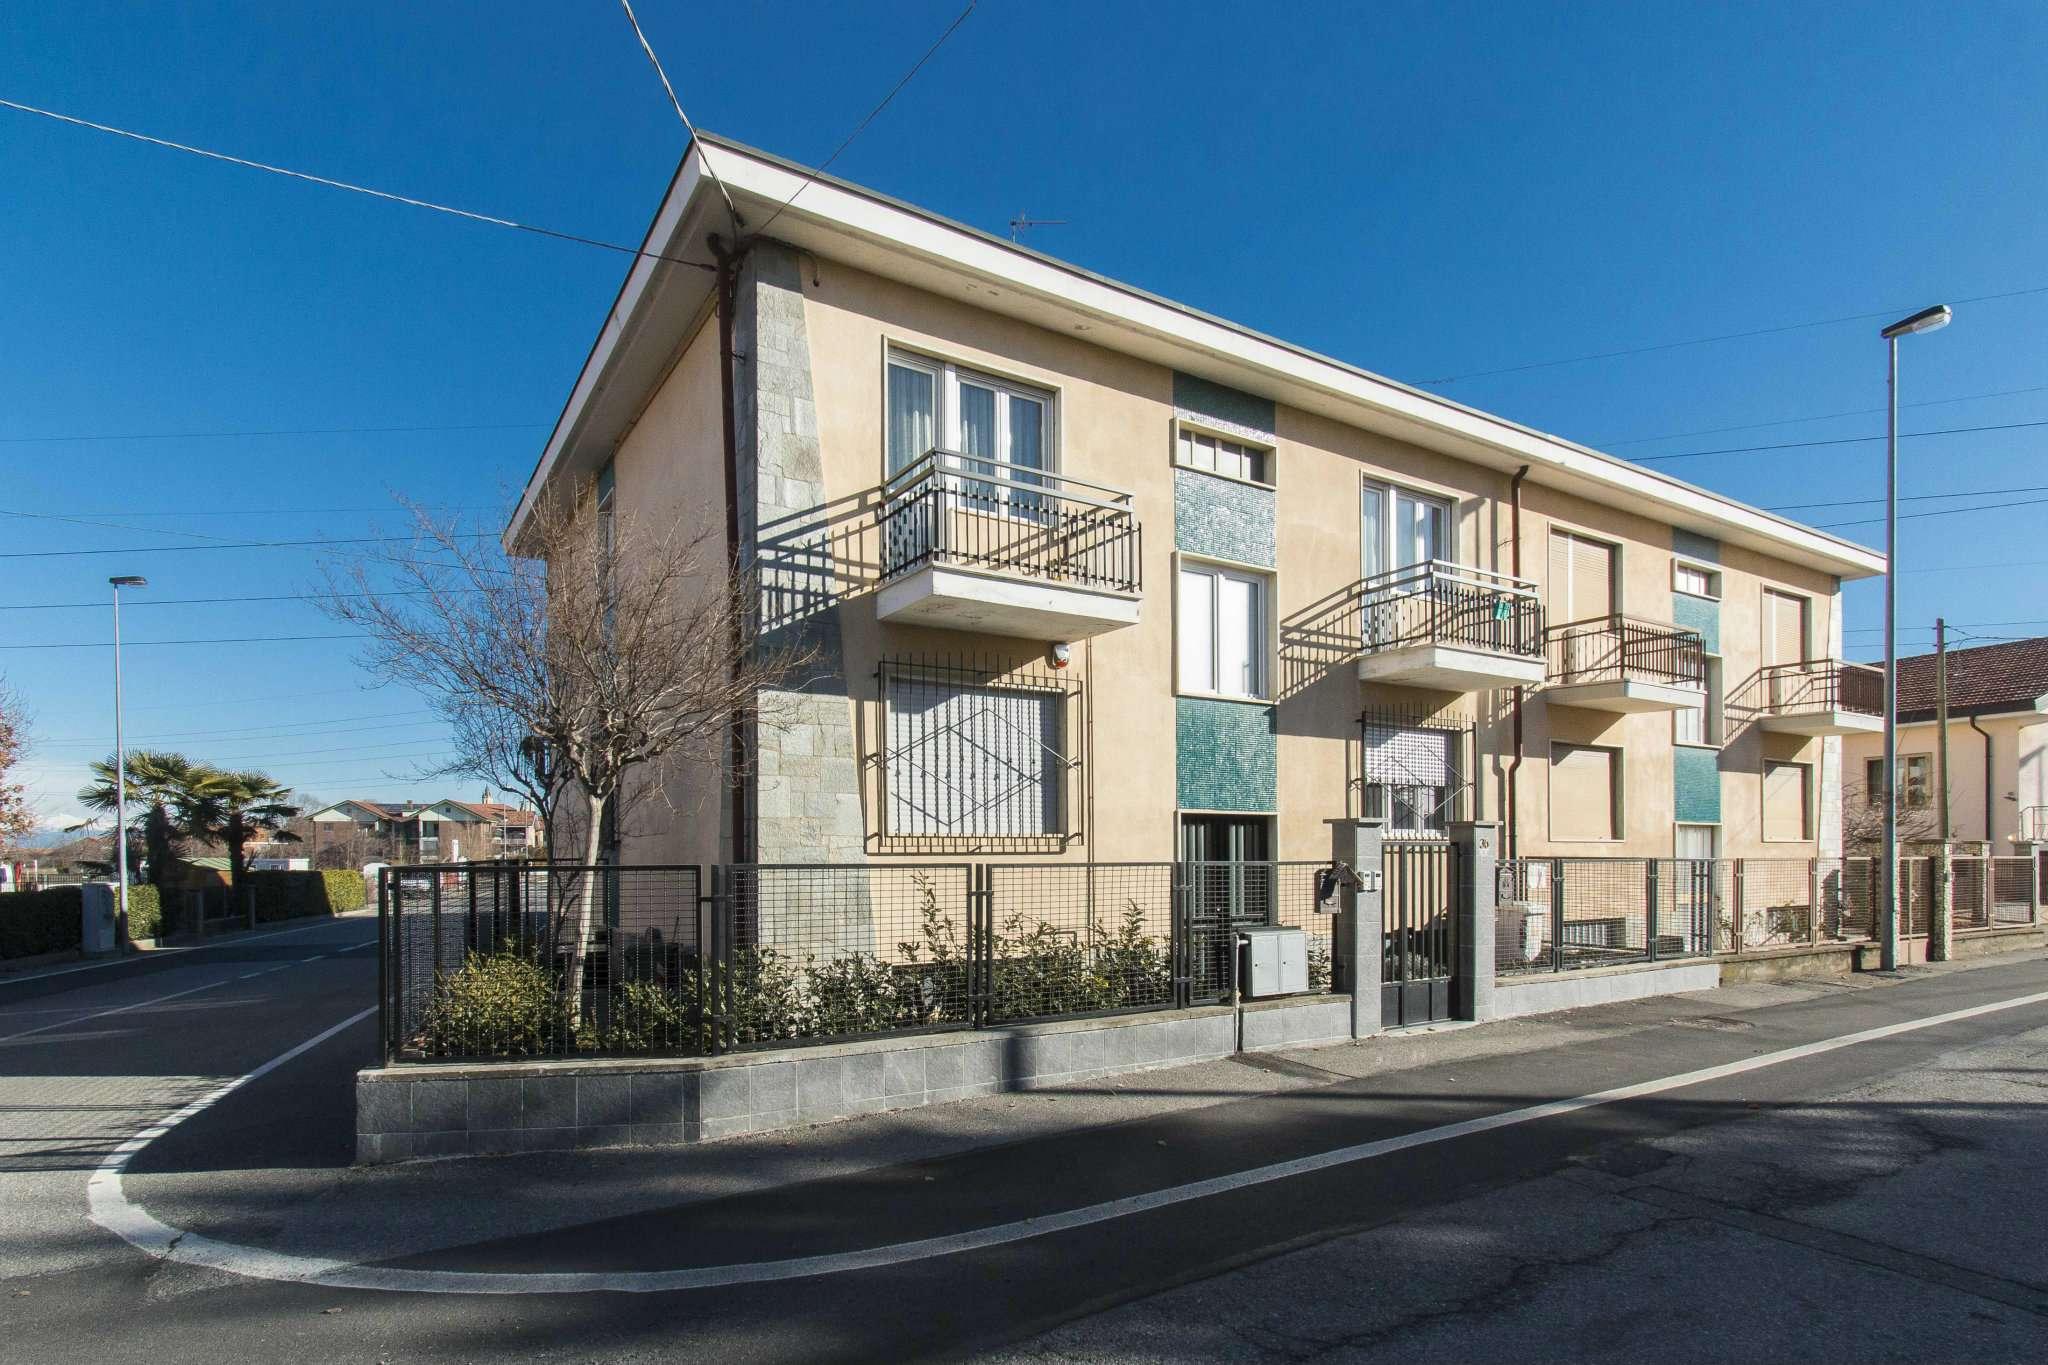 Appartamento in vendita a Pianezza, 4 locali, prezzo € 255.000   CambioCasa.it